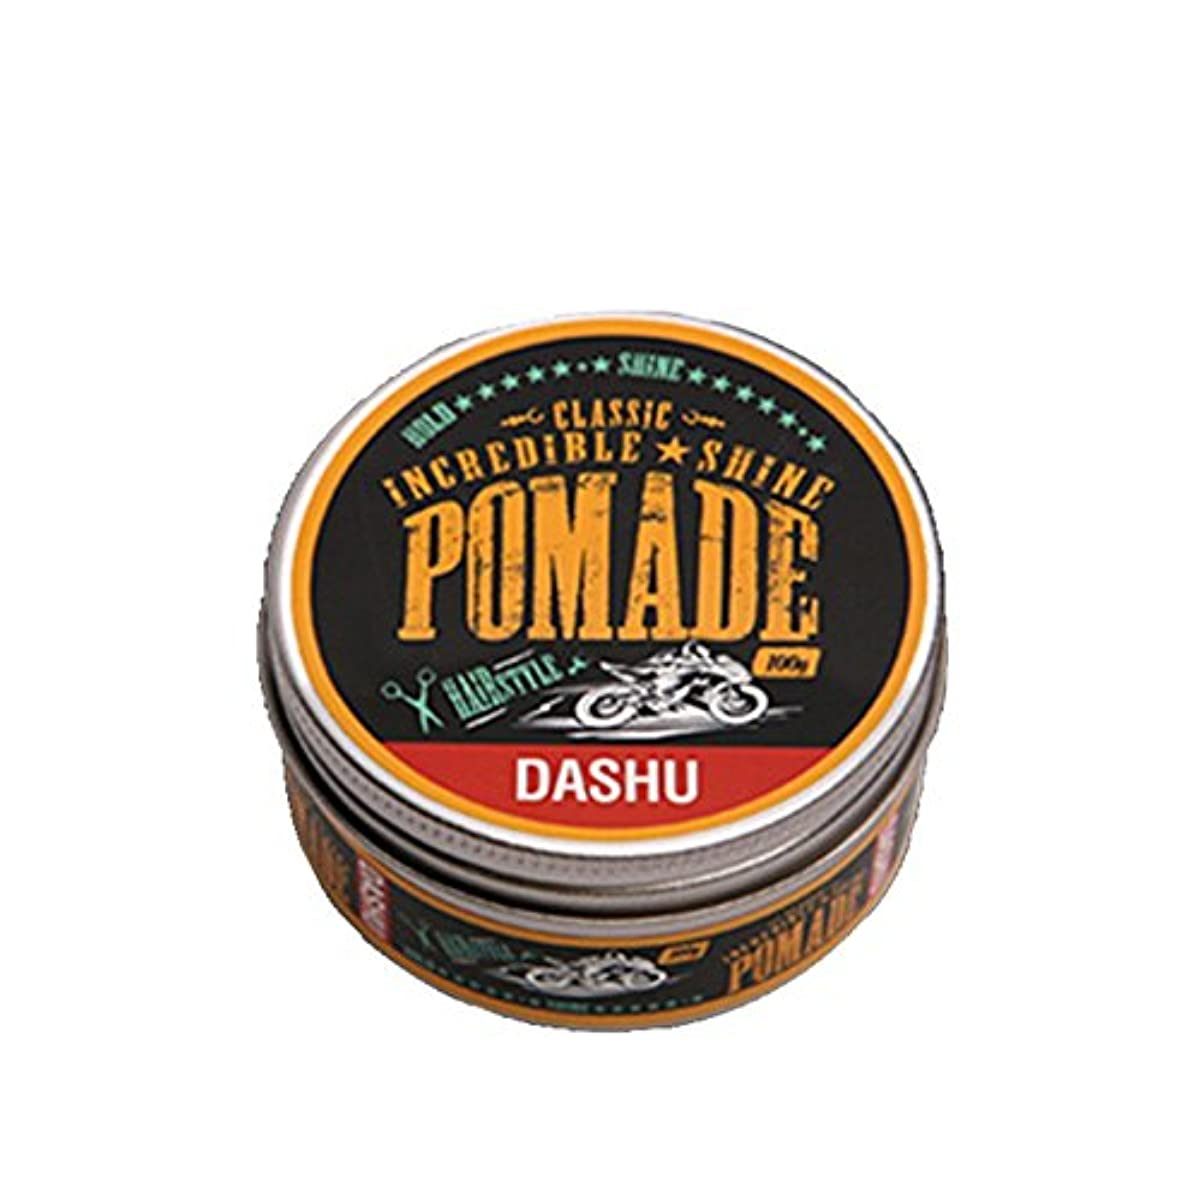 テロリスト無意識範囲[DASHU] ダシュ クラシック 信じられないほどの輝き ポマードワックス Classic Incredible Shine Pomade Hair Wax 100ml / 韓国製 . 韓国直送品